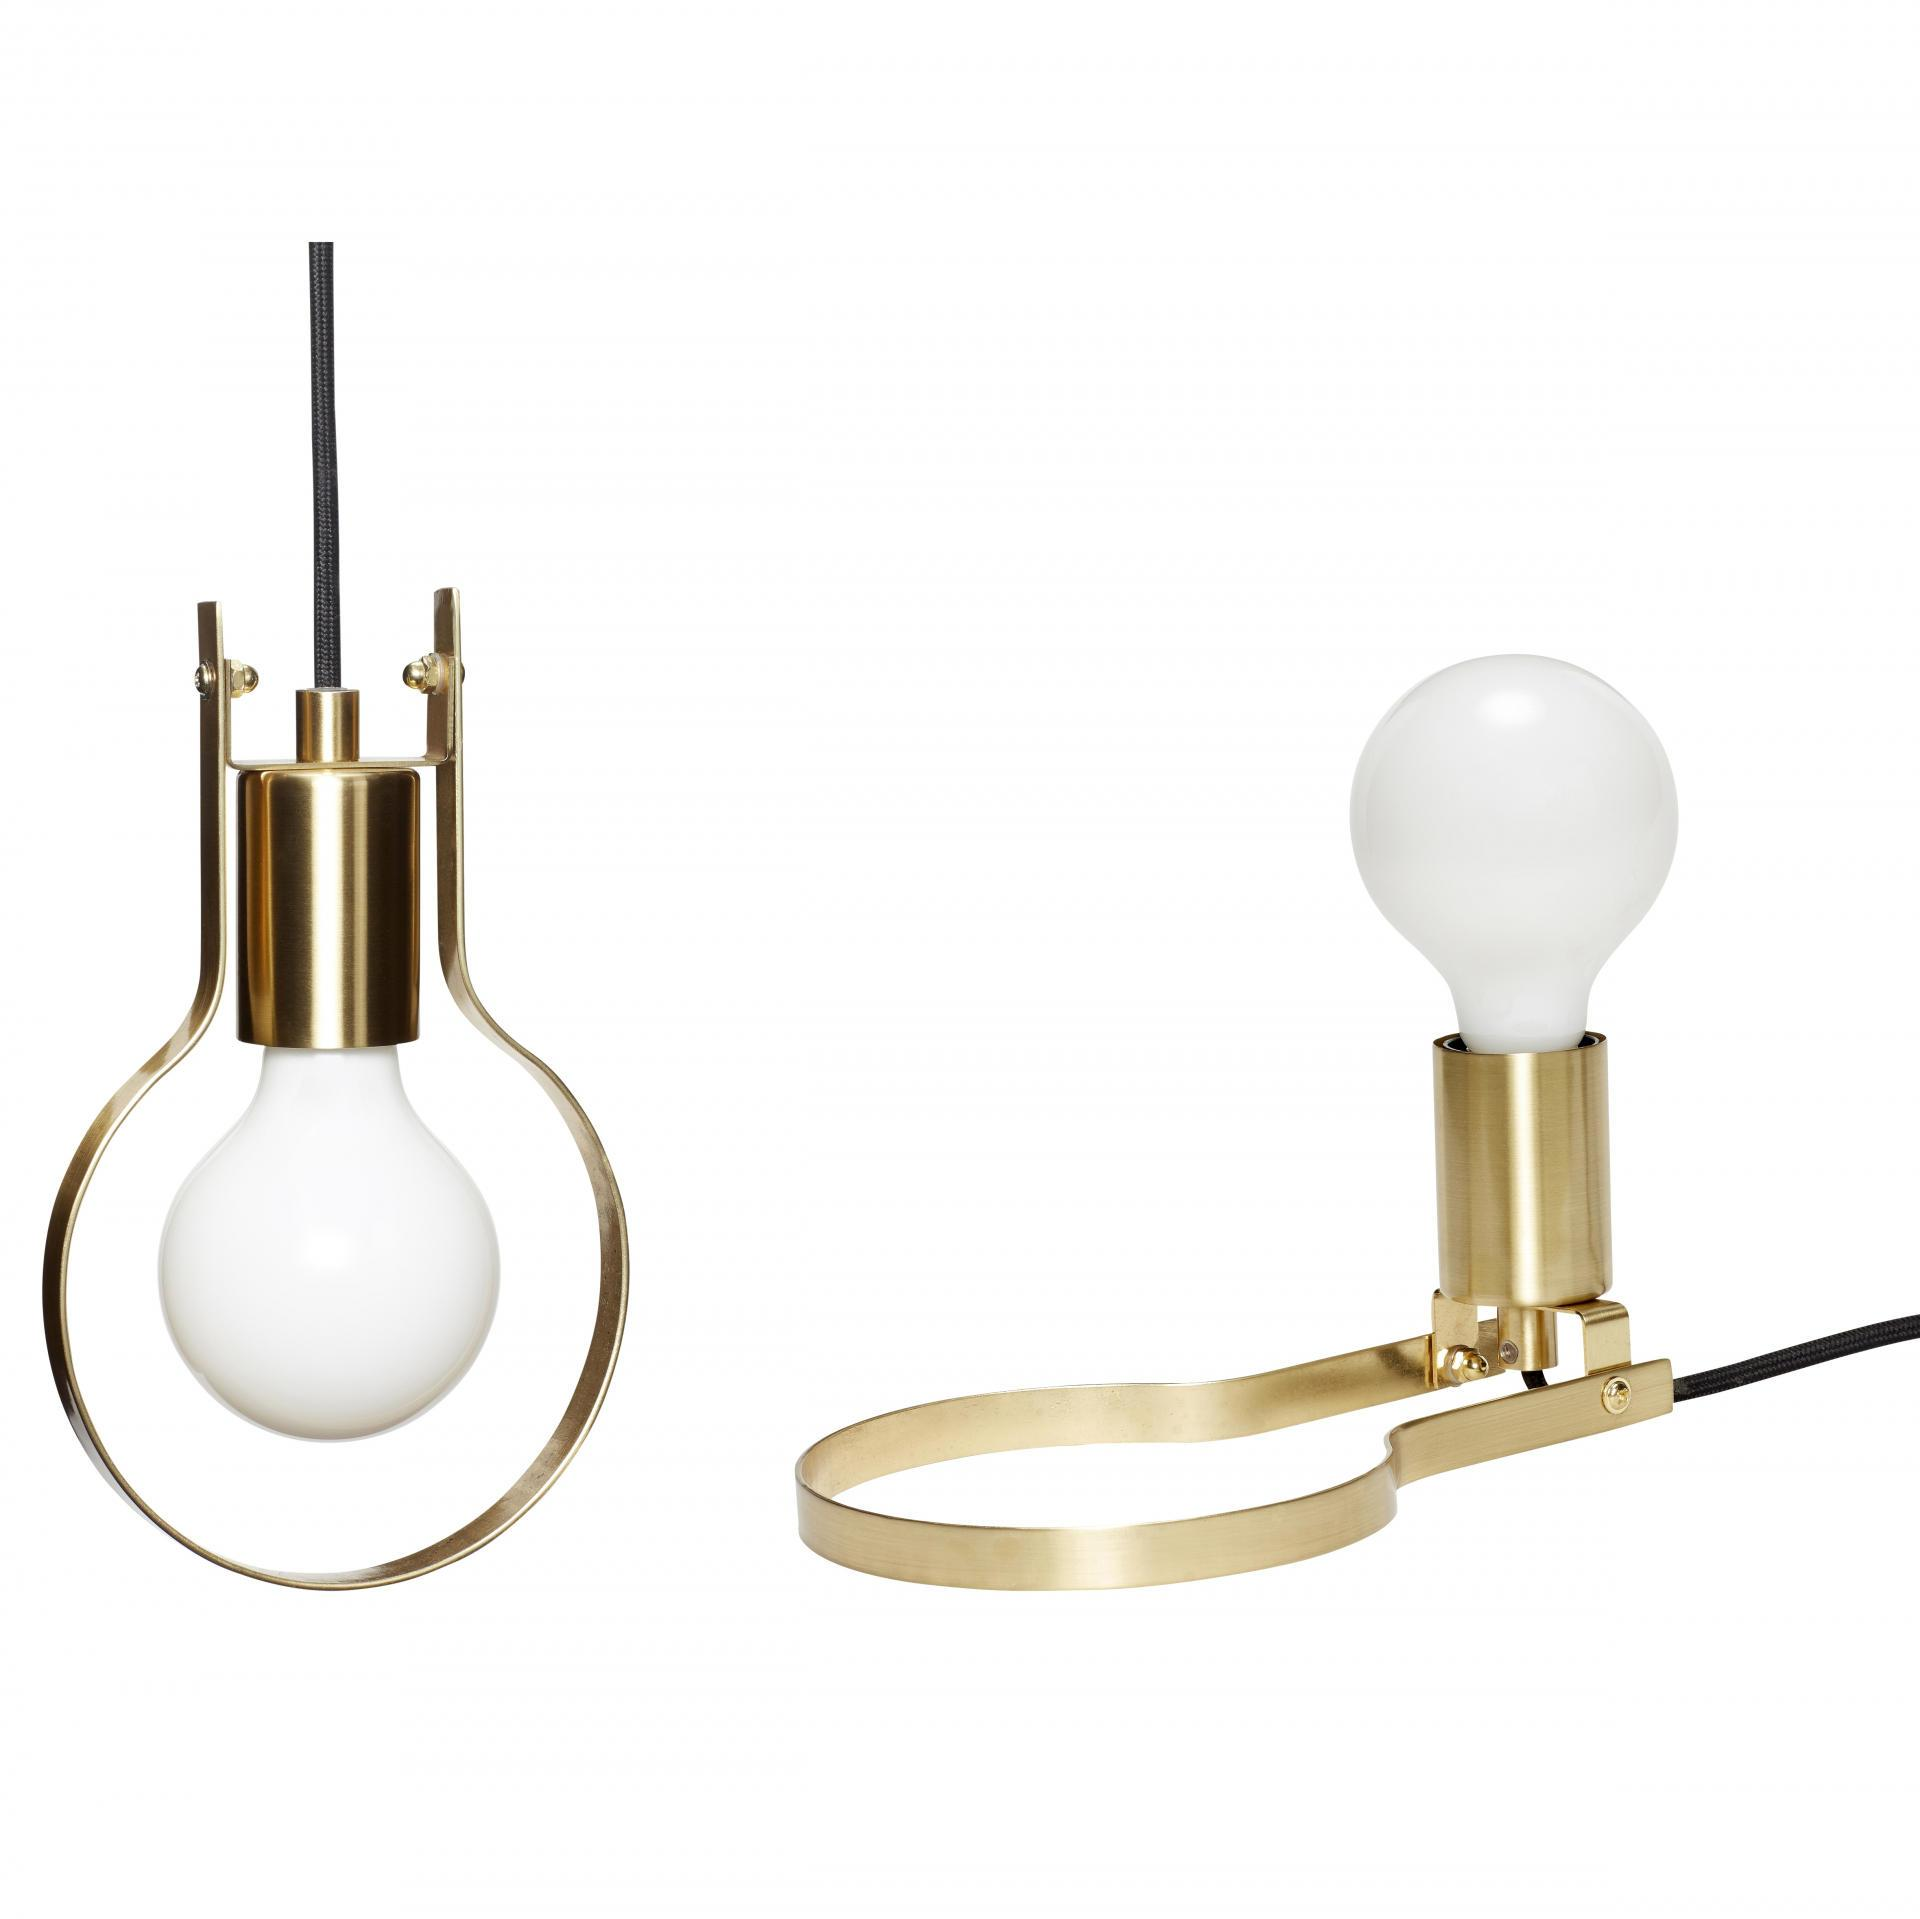 Hübsch Závěsná/stolní lampa Bulb Brass 2v1, zlatá barva, kov